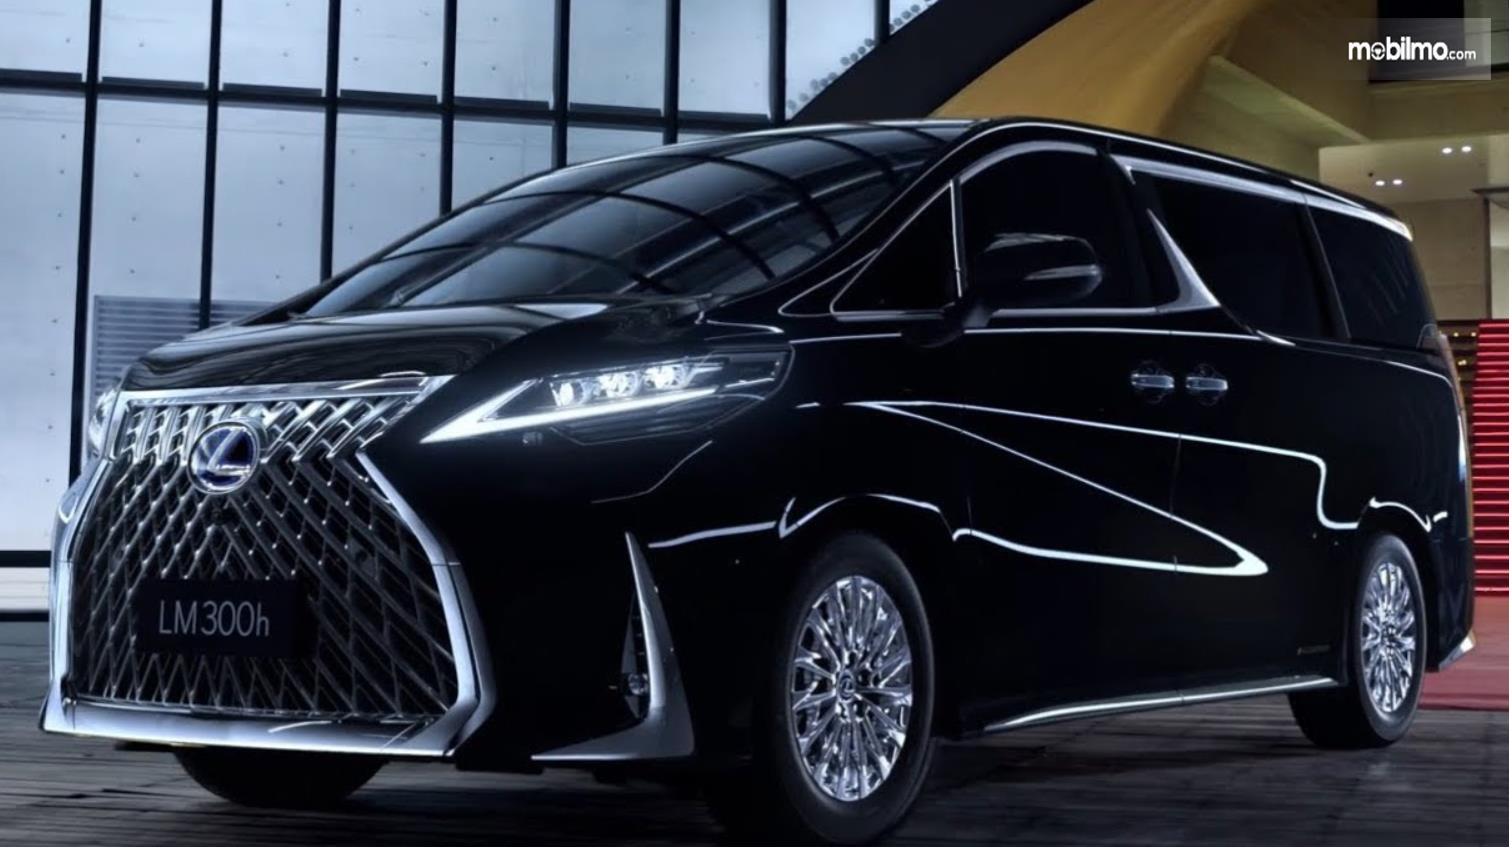 Gambar ini menunjukkan mobil MPV mewah Lexus LM300h warna hitam